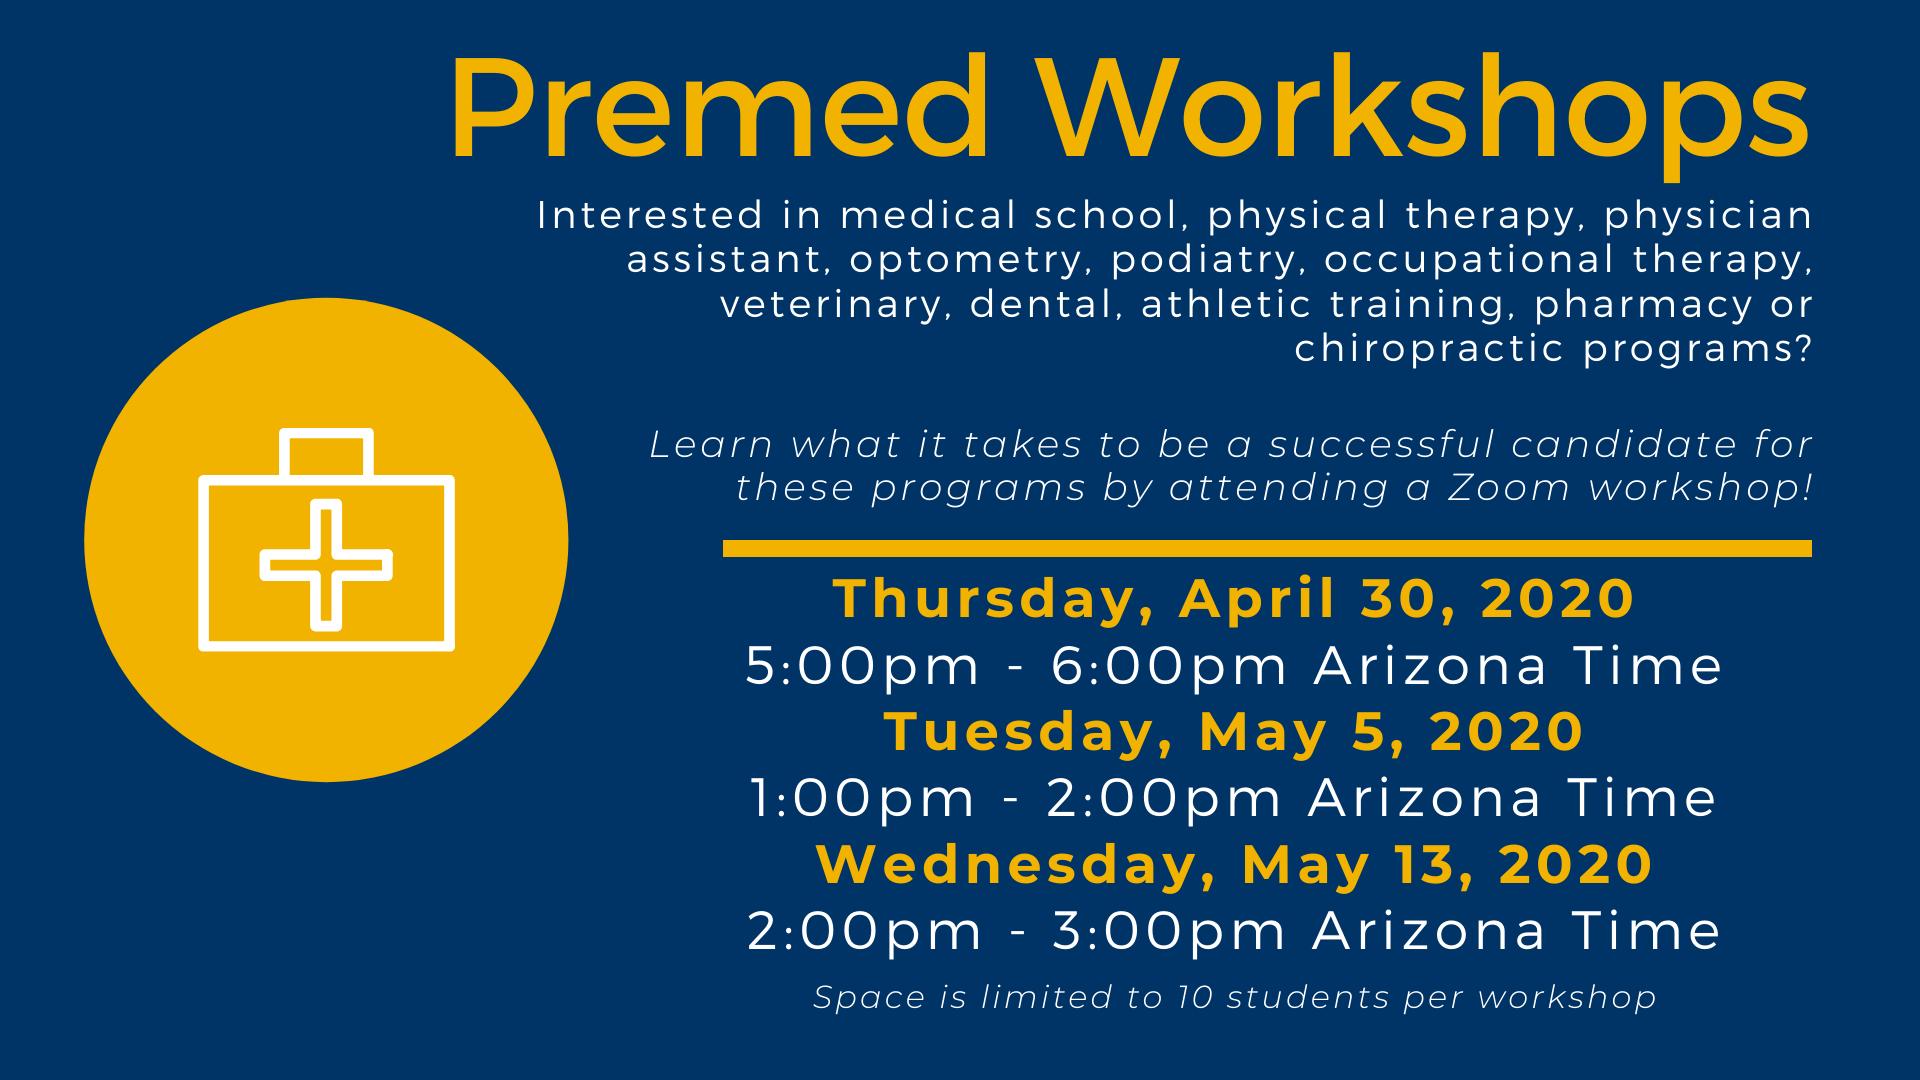 Premed Workshops 4.22.2020